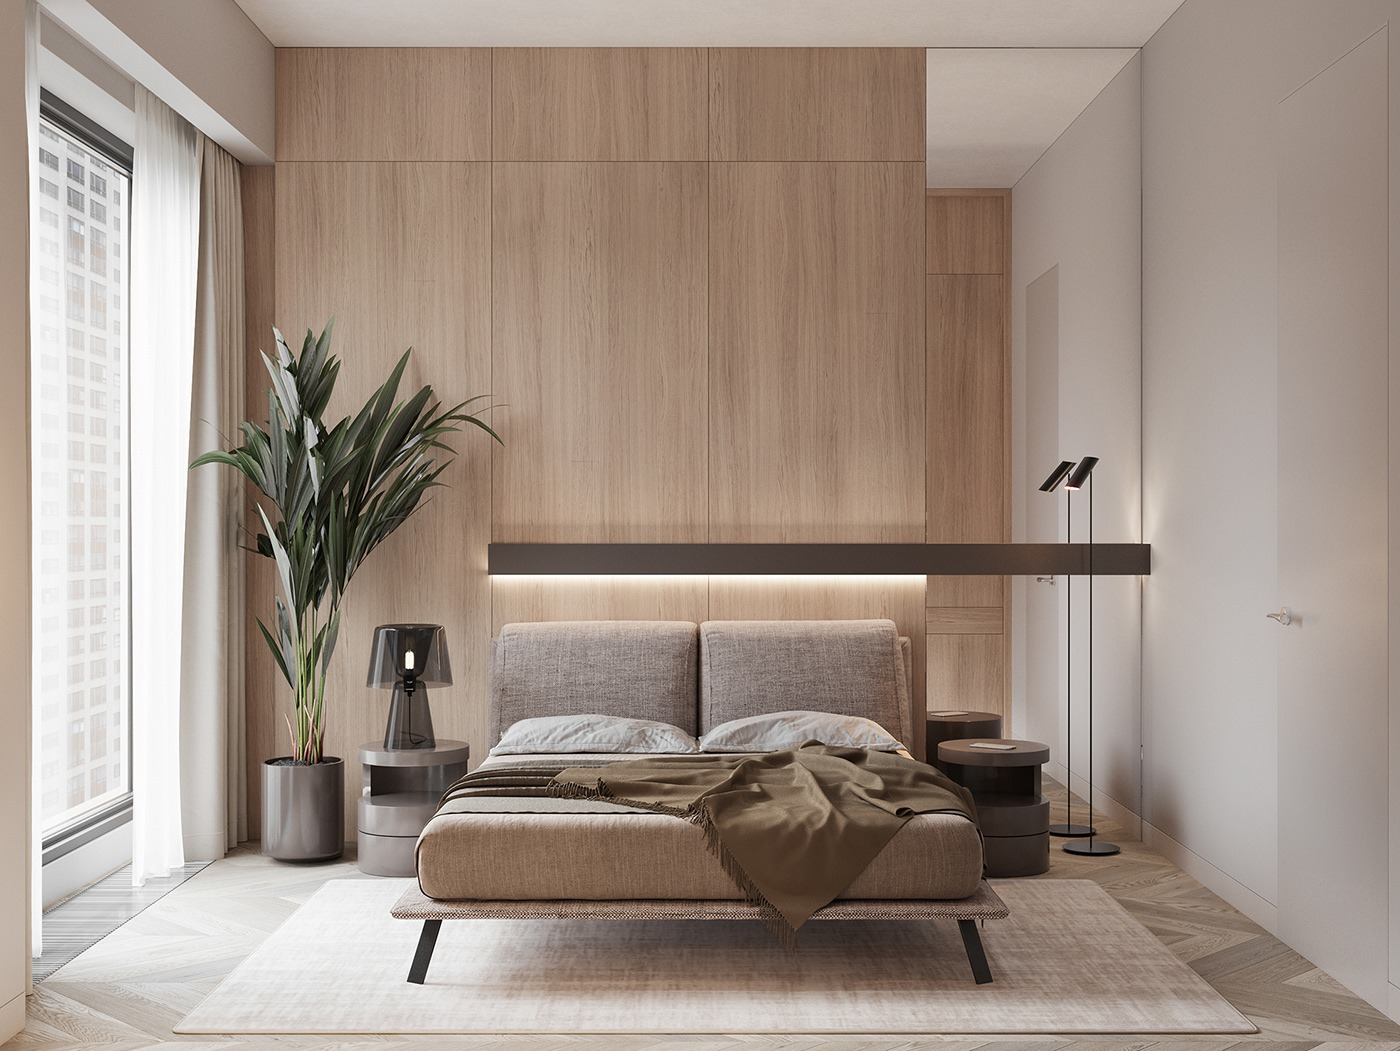 thiết kế nội thất chung cư cao cấp 2 phòng ngủ